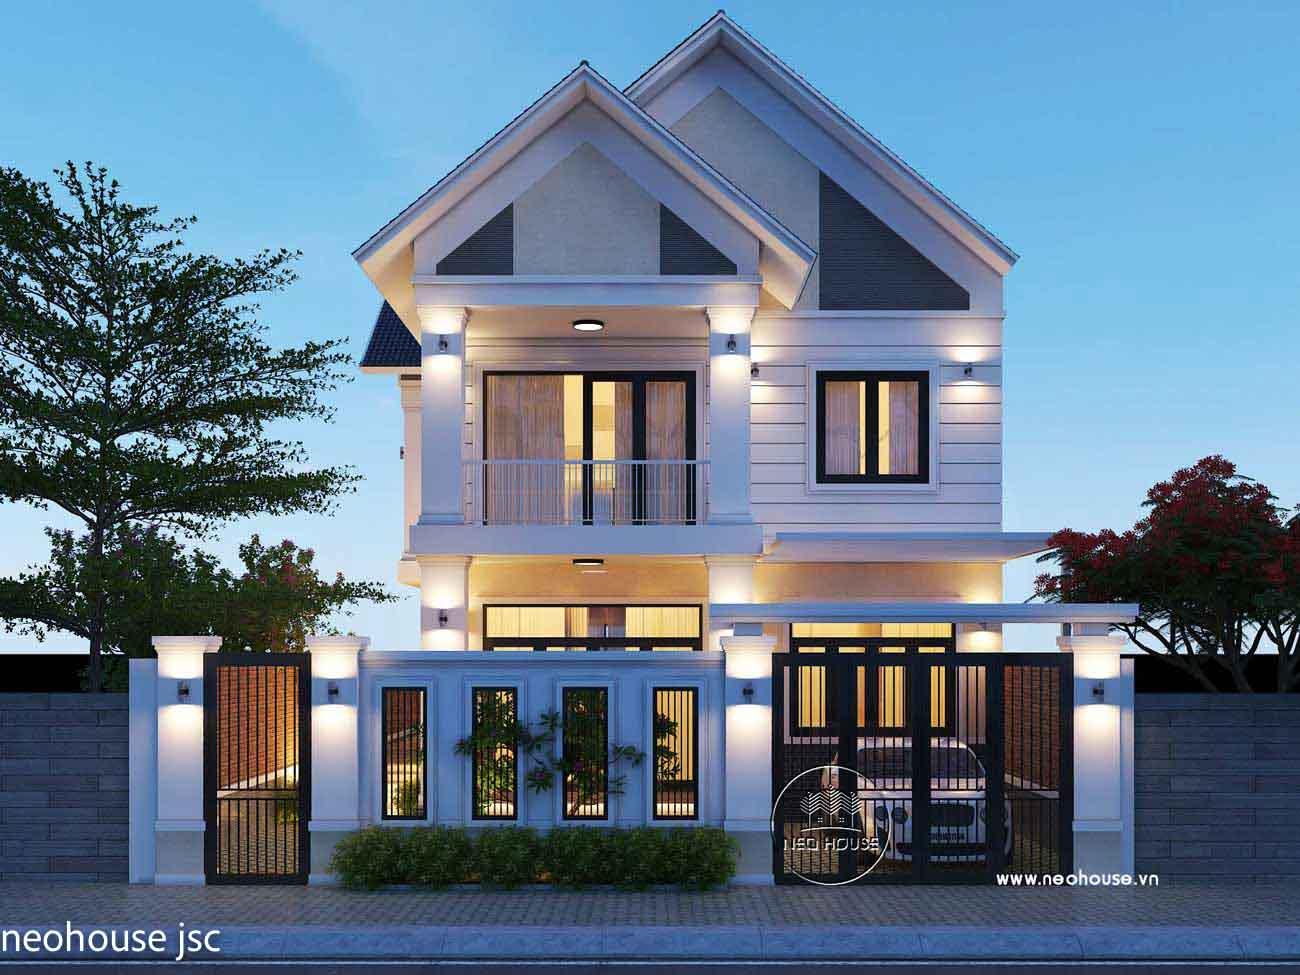 Phối cảnh mẫu thiết kế thi công nhà đẹp 2 tầng. Ảnh 1